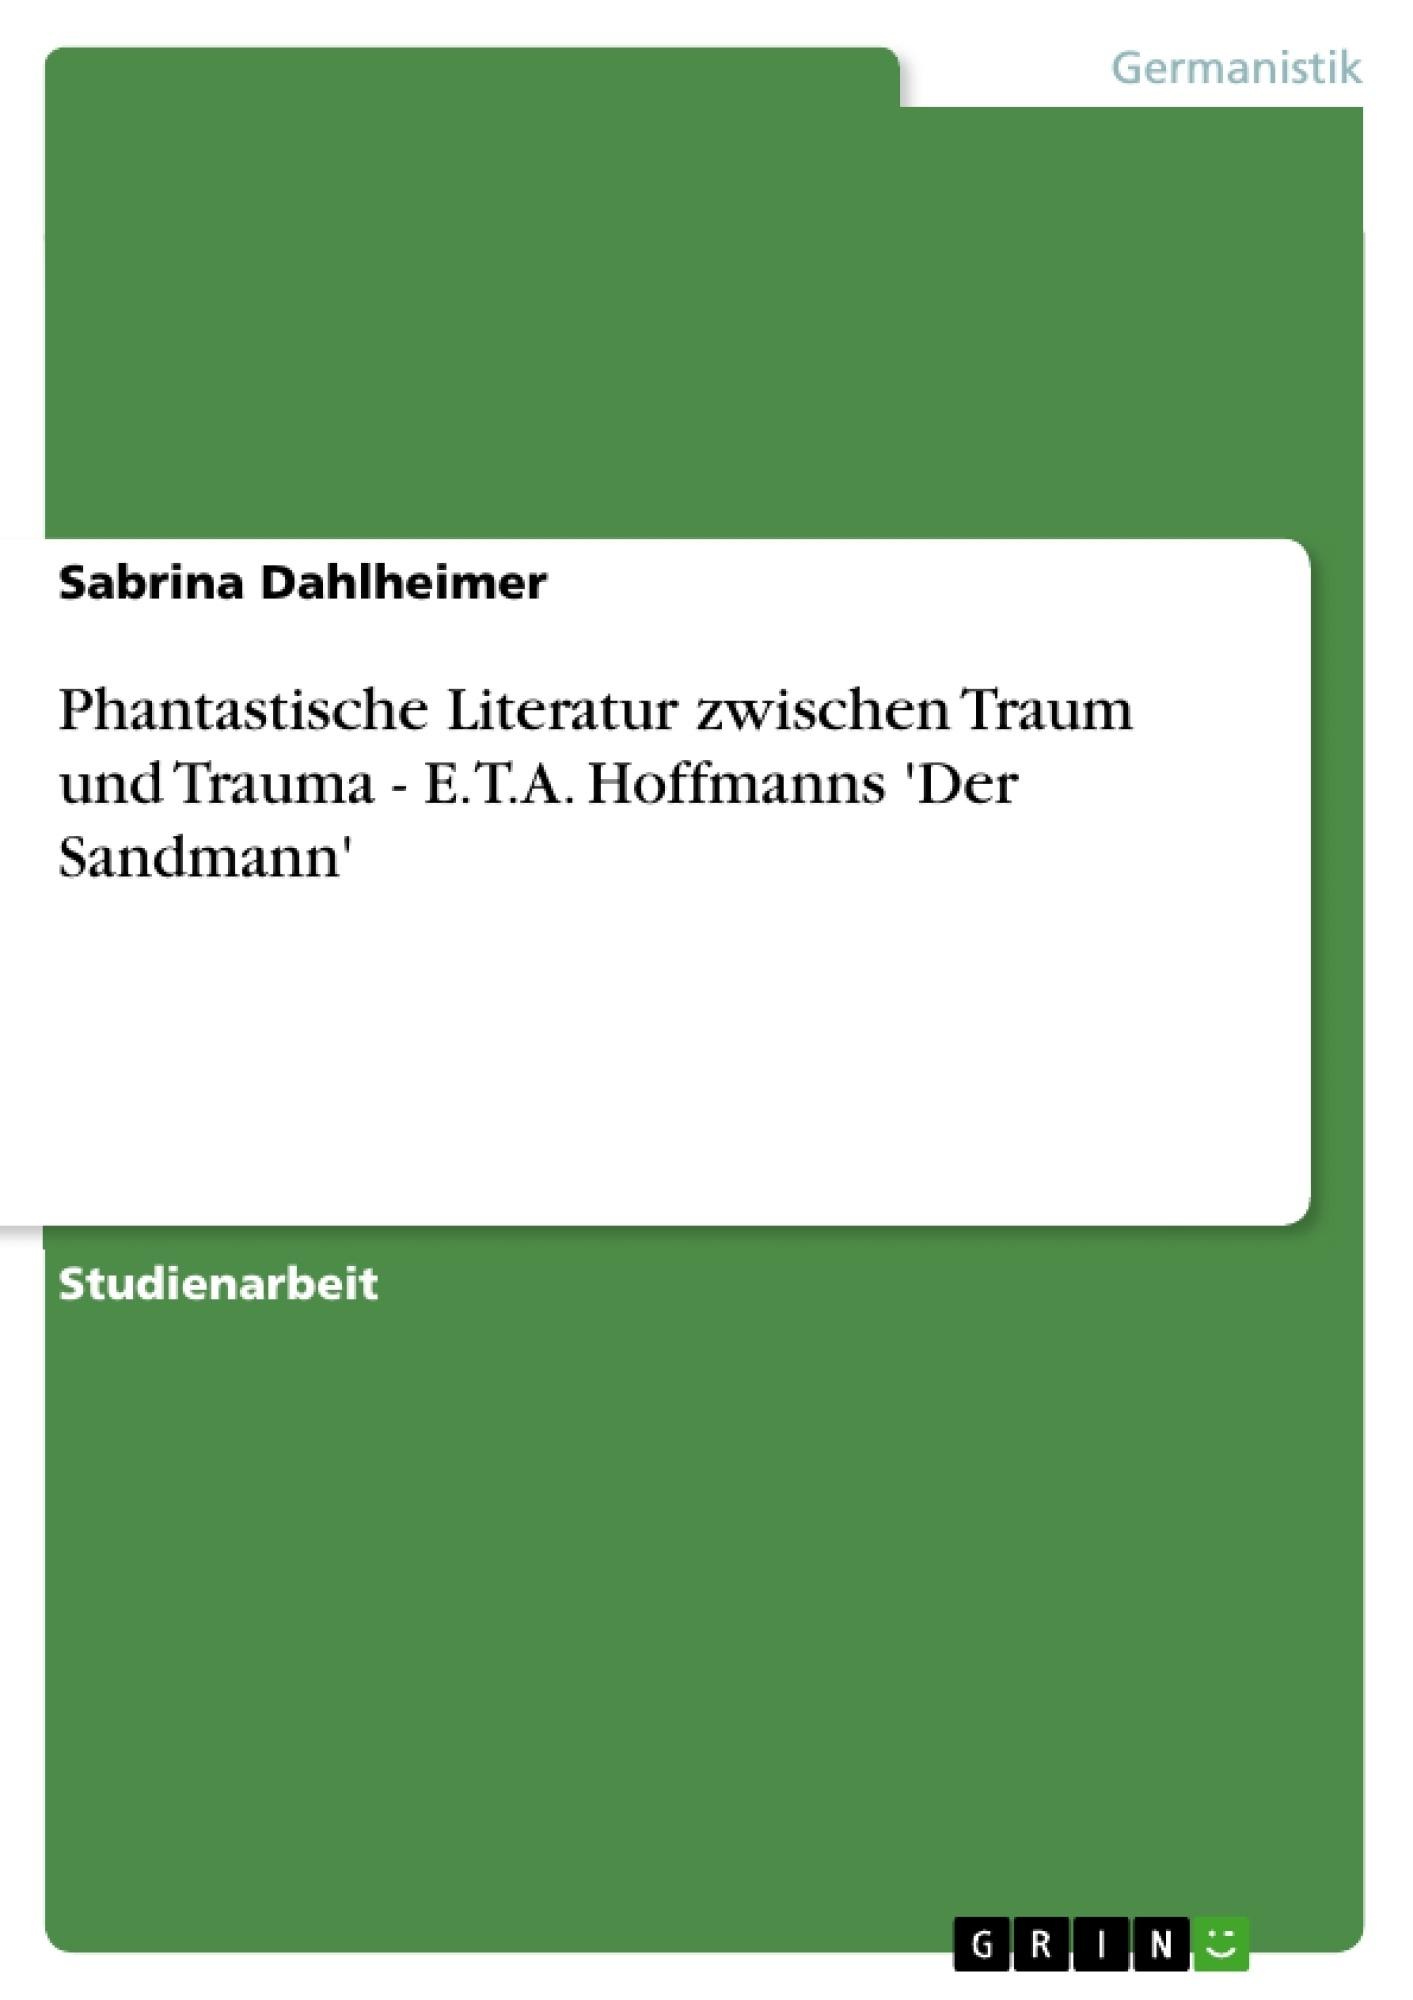 Titel: Phantastische Literatur zwischen Traum und Trauma - E.T.A. Hoffmanns 'Der Sandmann'